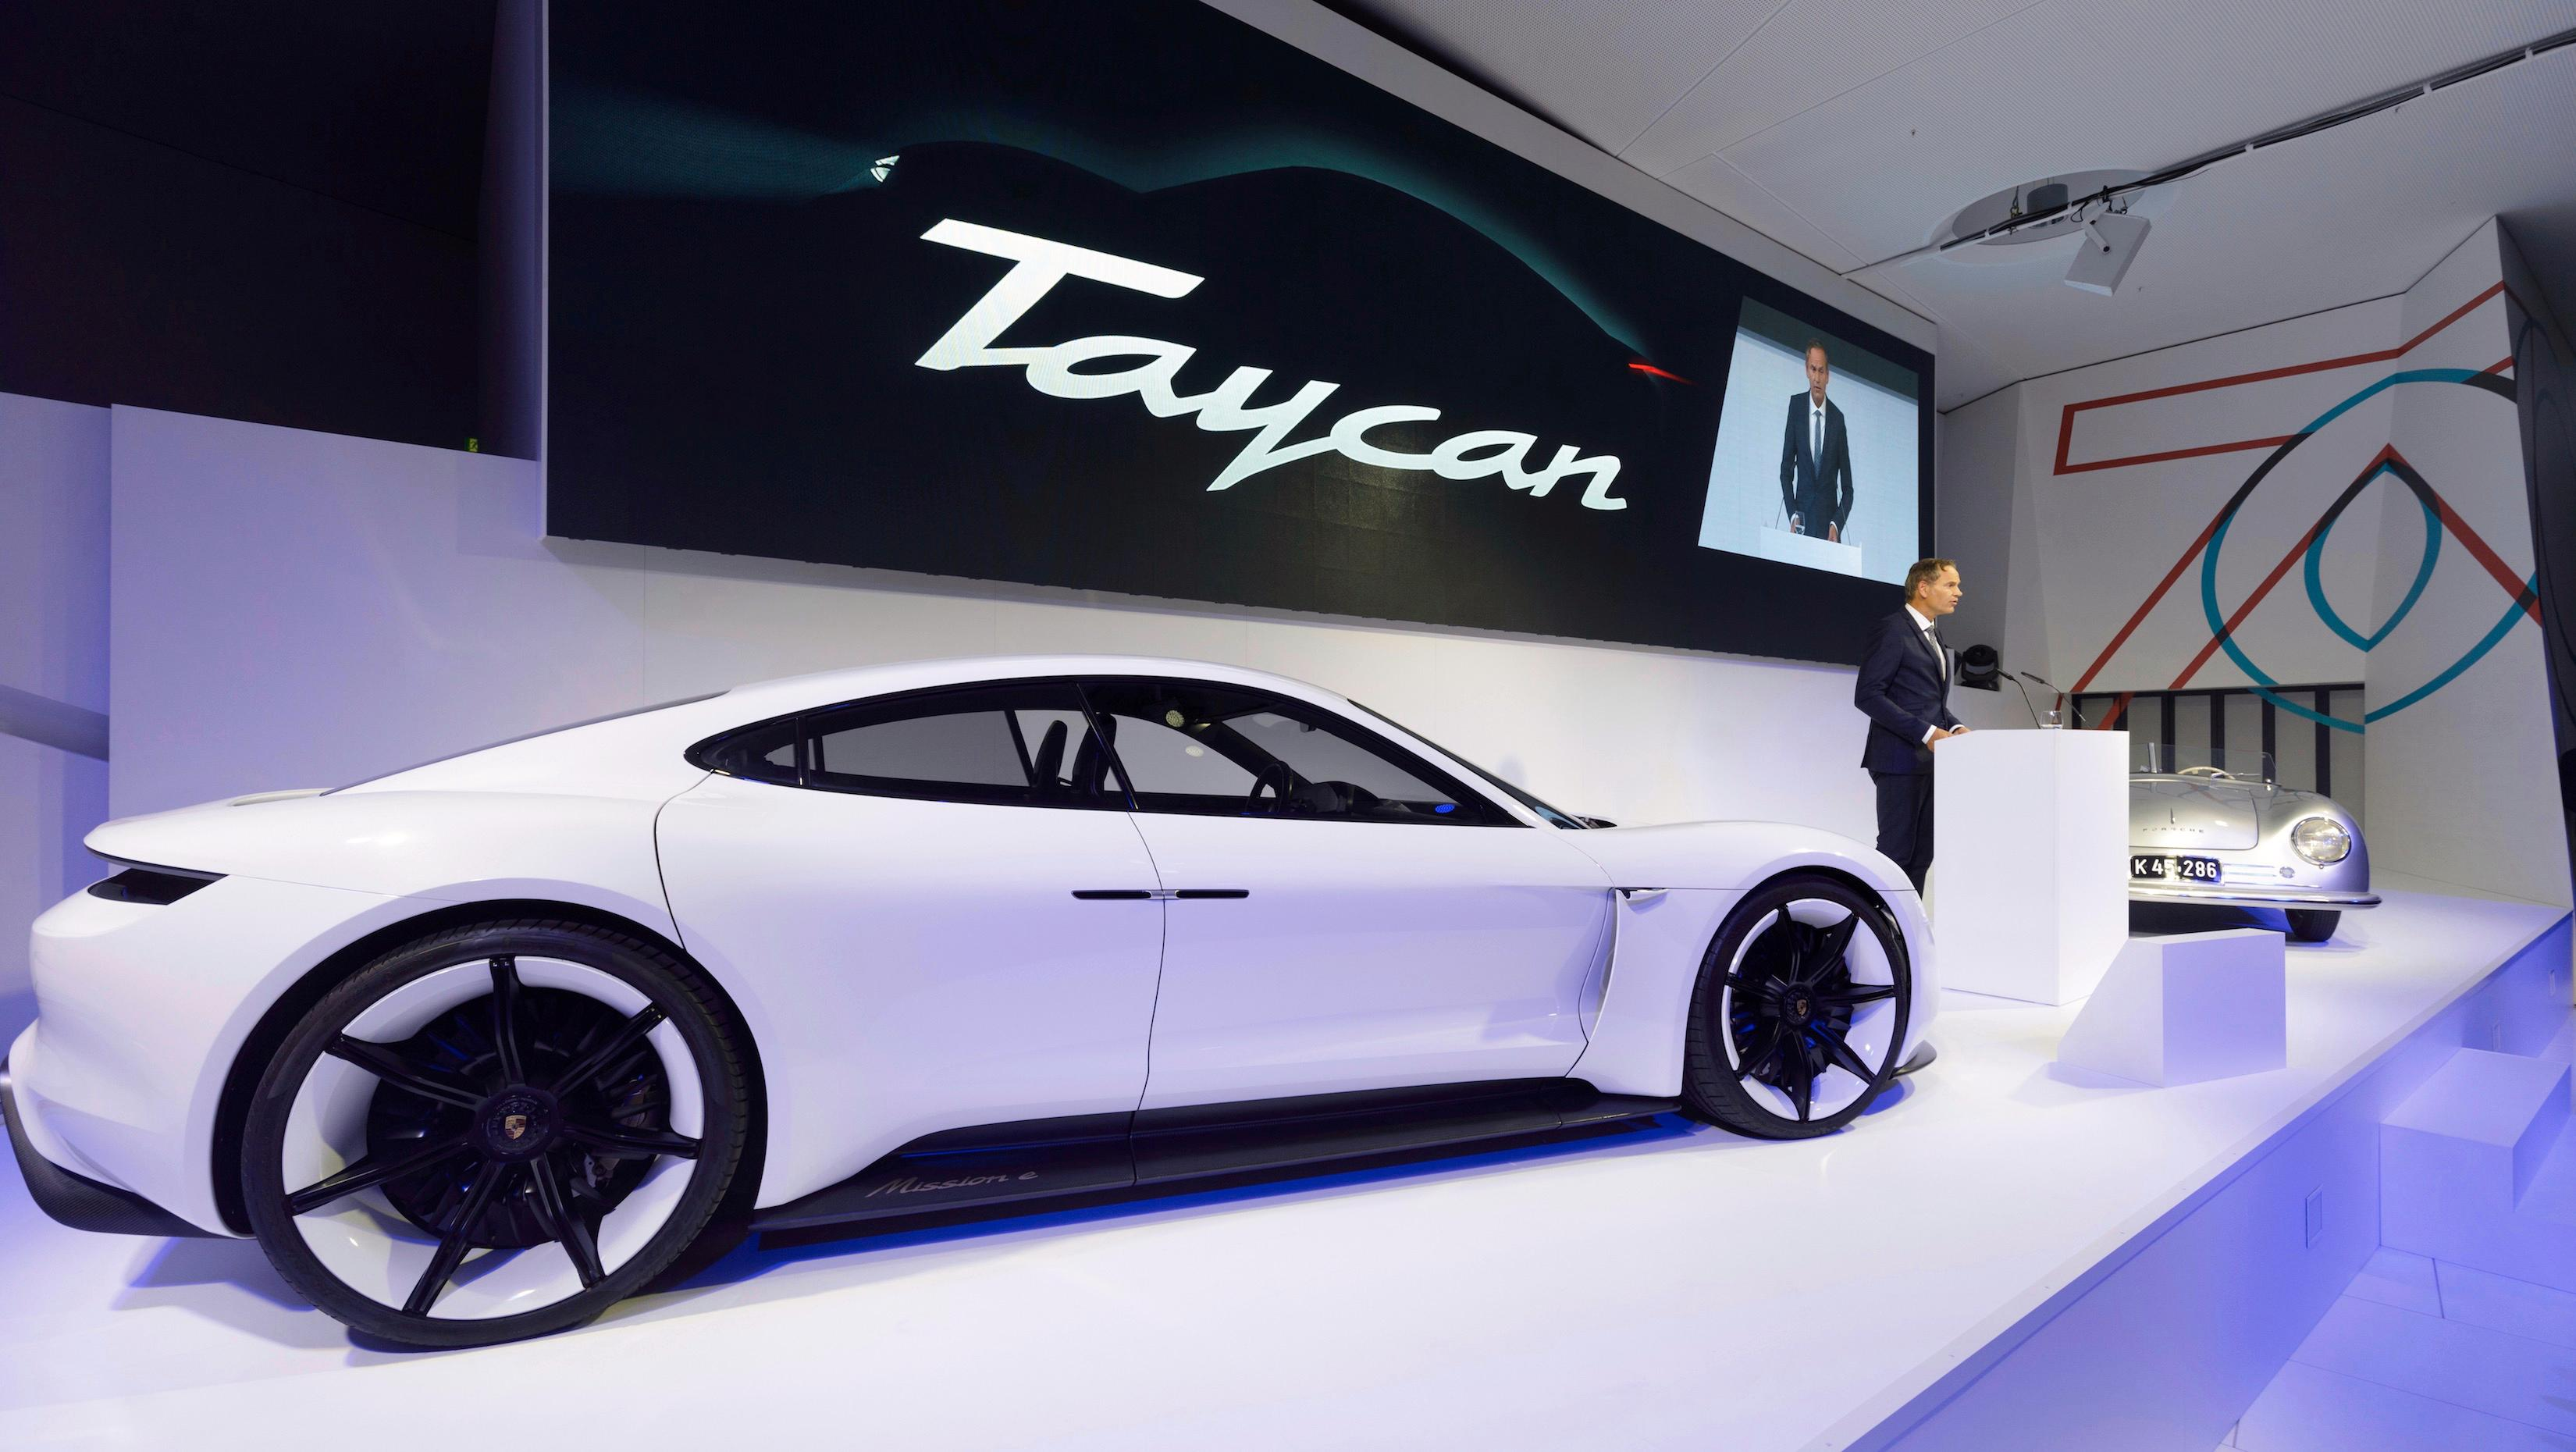 Taycan vil koste omtrent 700 000 når den kommer, og den er i forhåndsbestilling hos flere tusen nordmenn.